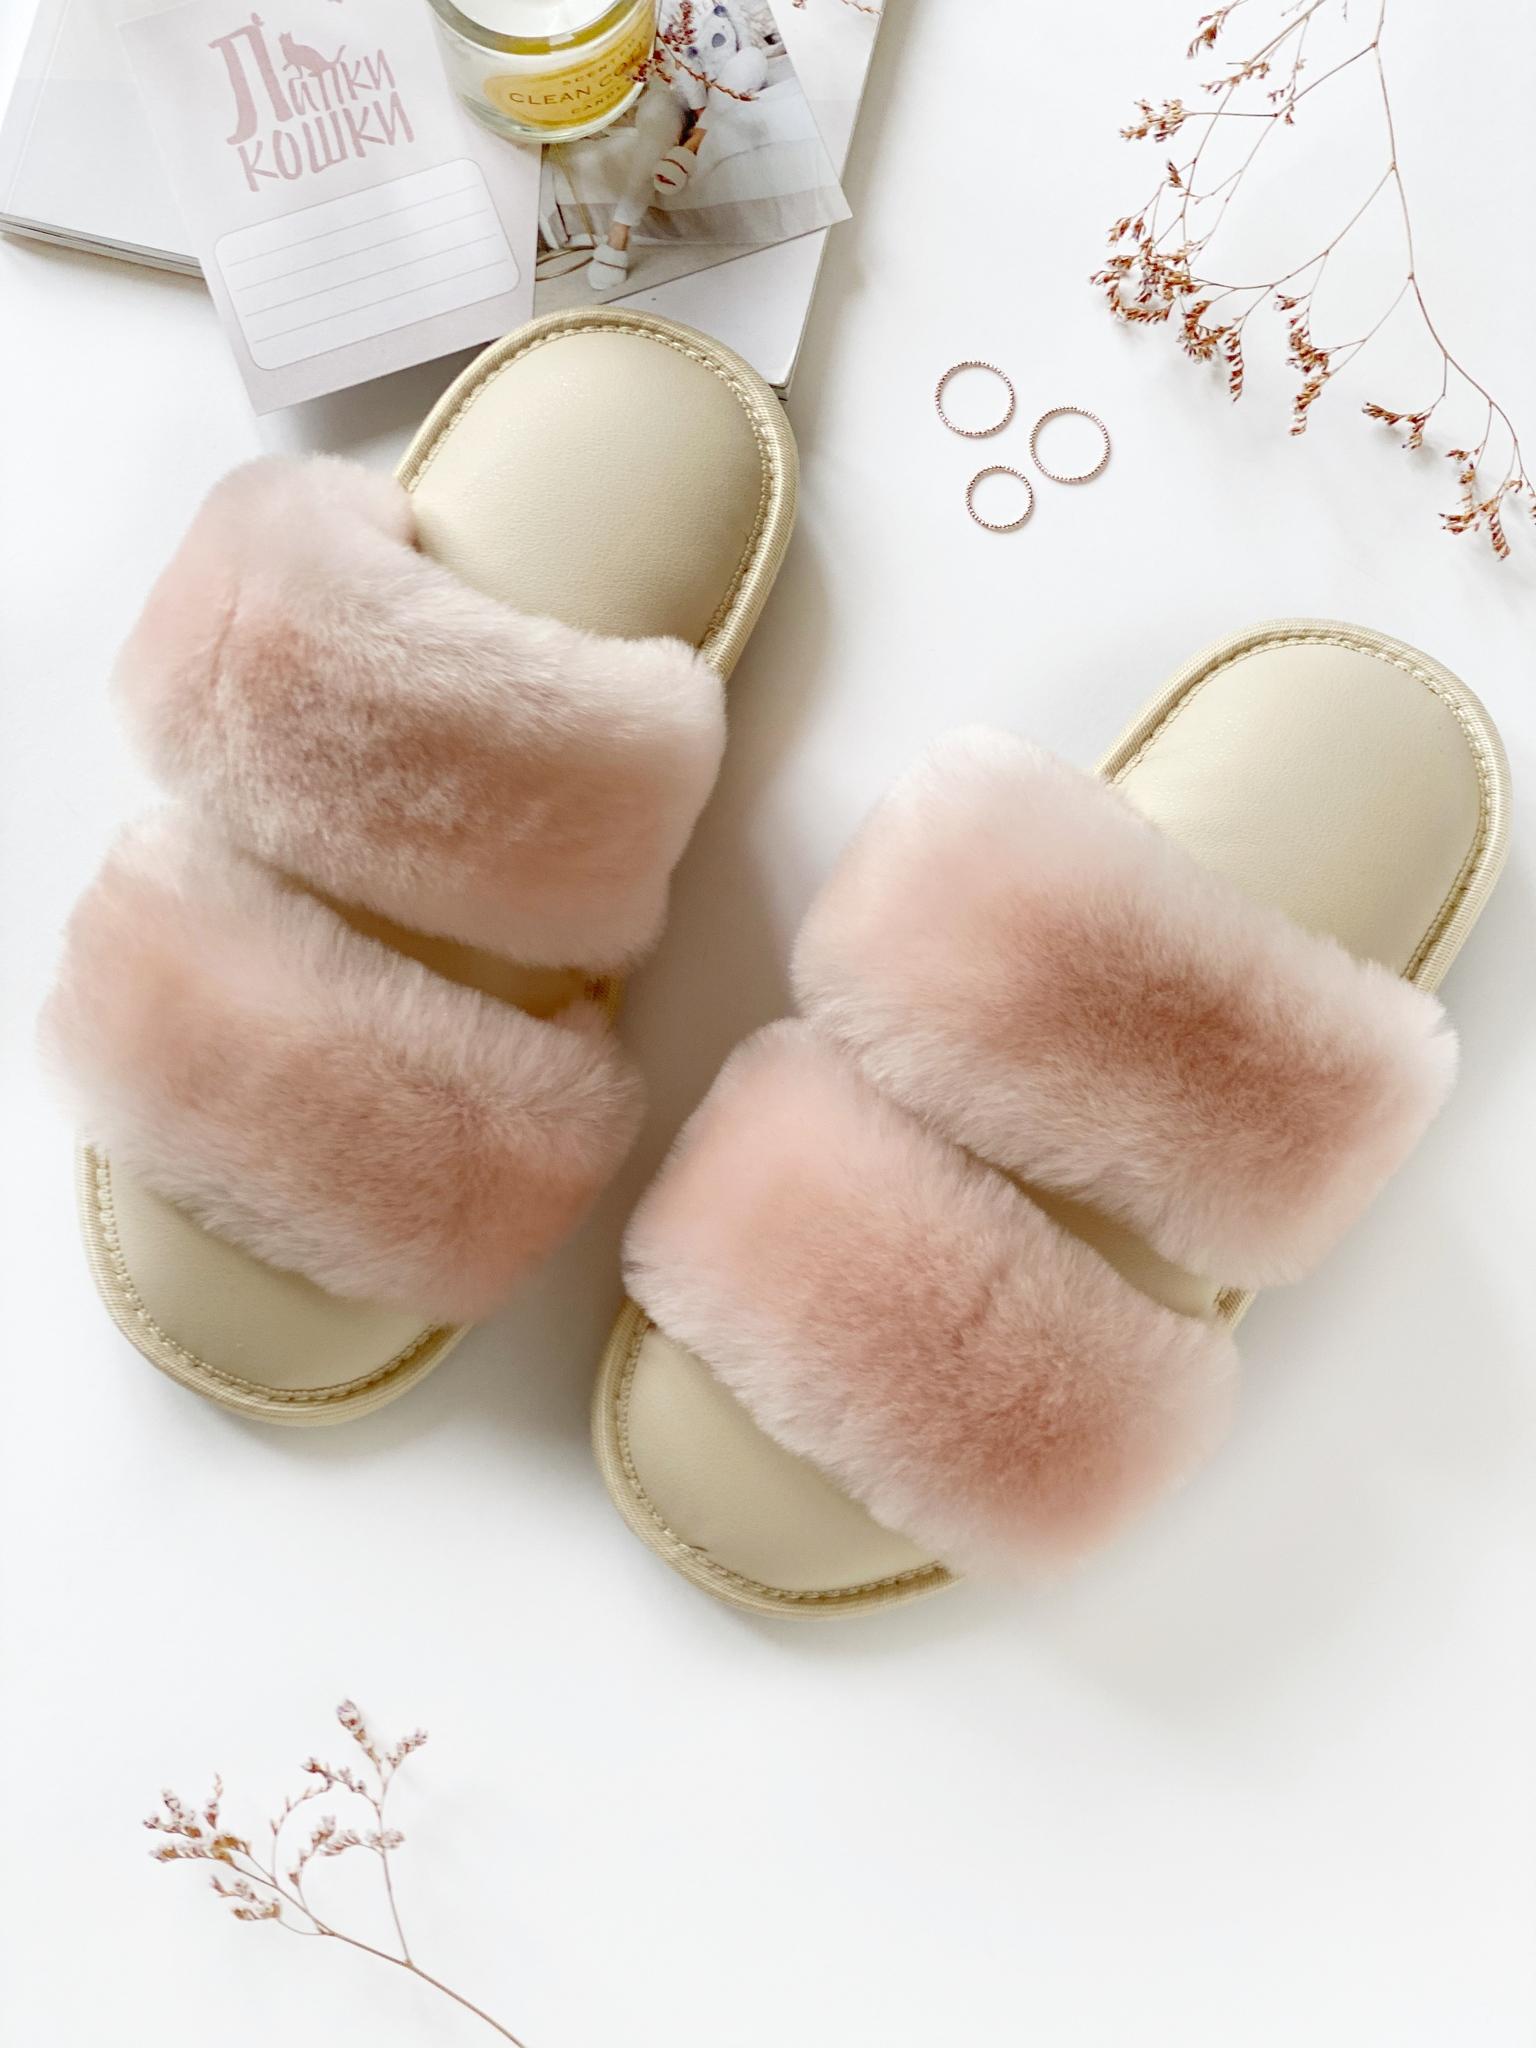 Меховые тапочки розовые с параллельными шлейками и стелькой из экокожи бежевой